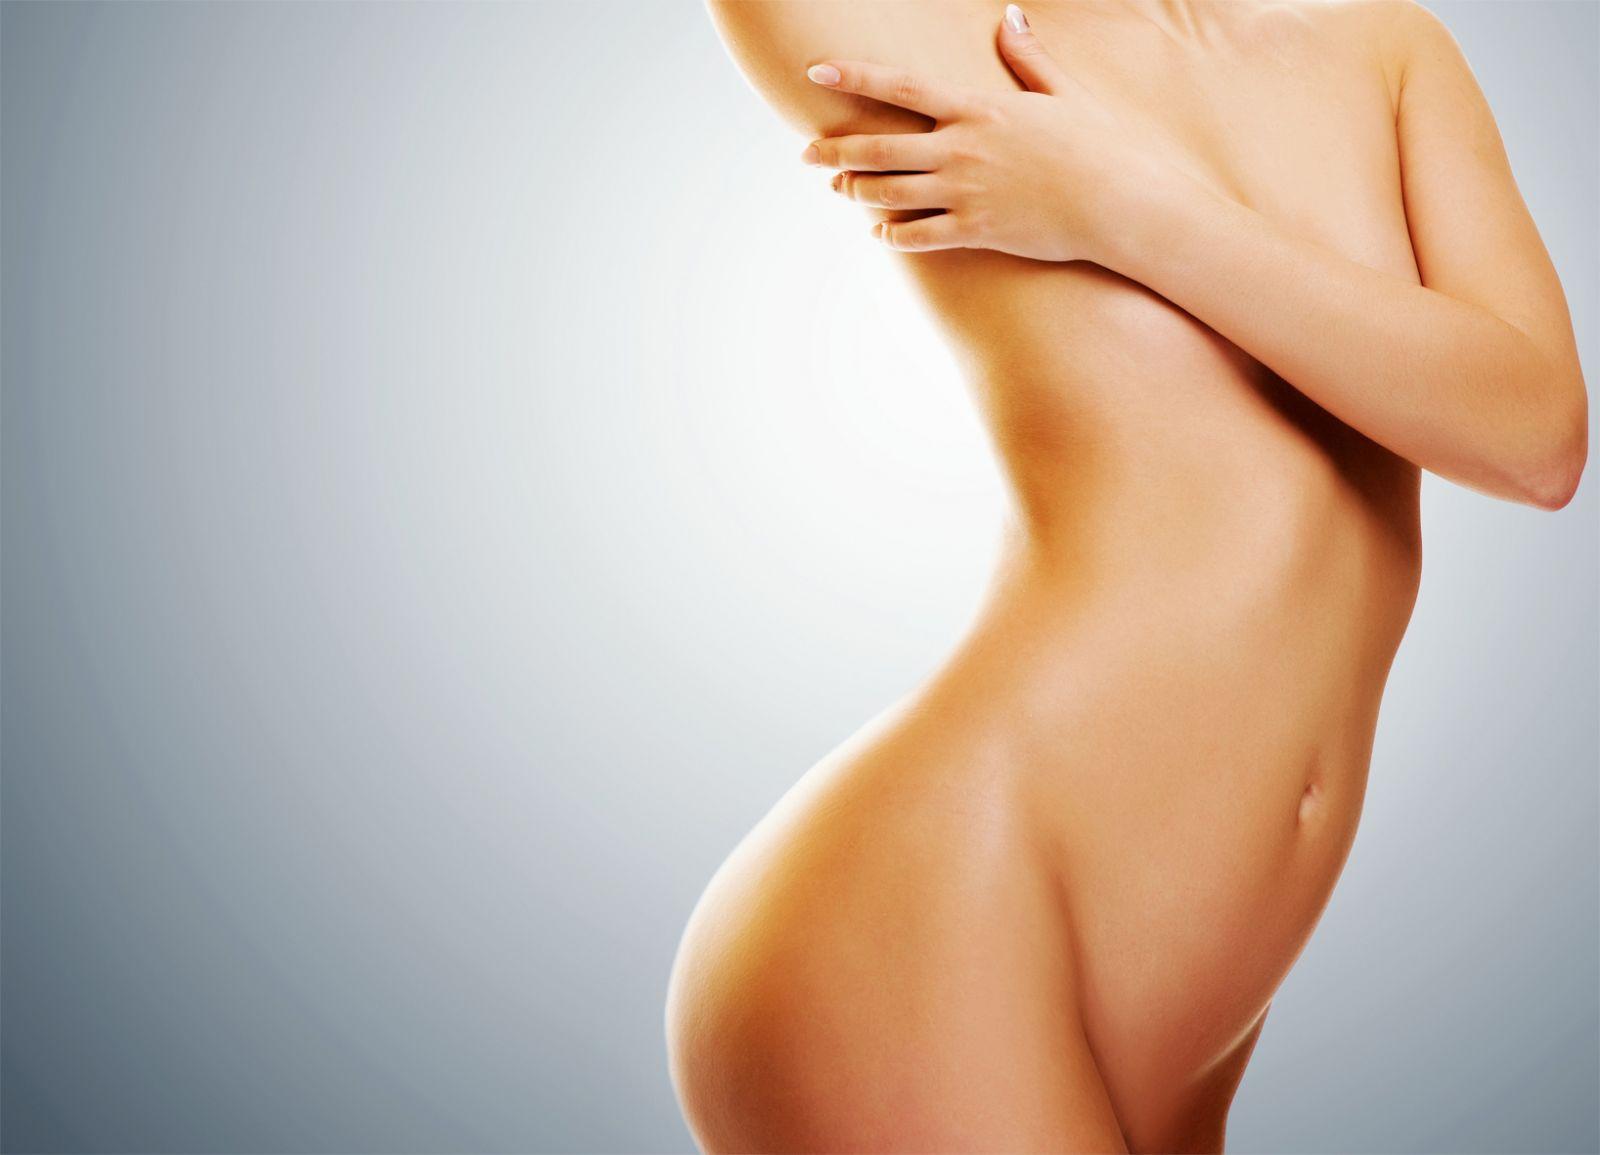 Фото красивого женского тела 9 фотография